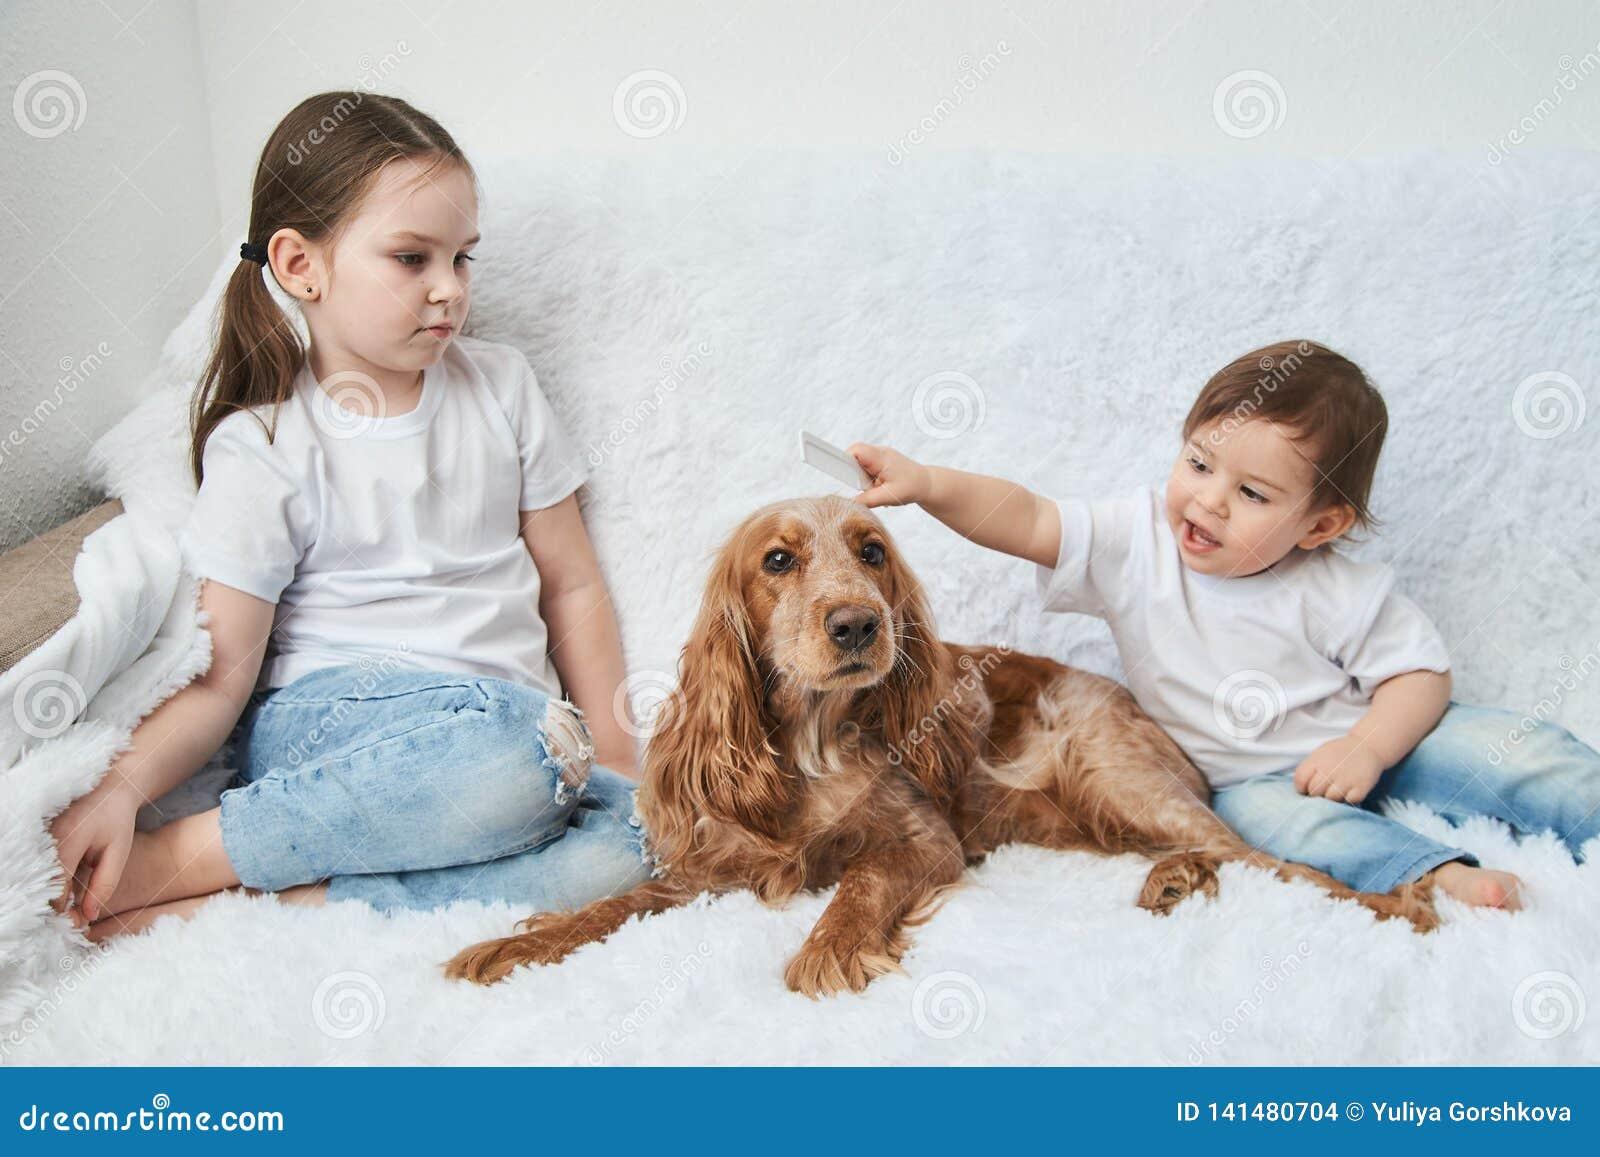 Zwei Babys, Schwestern spielen auf weißem Sofa mit rotem Hund